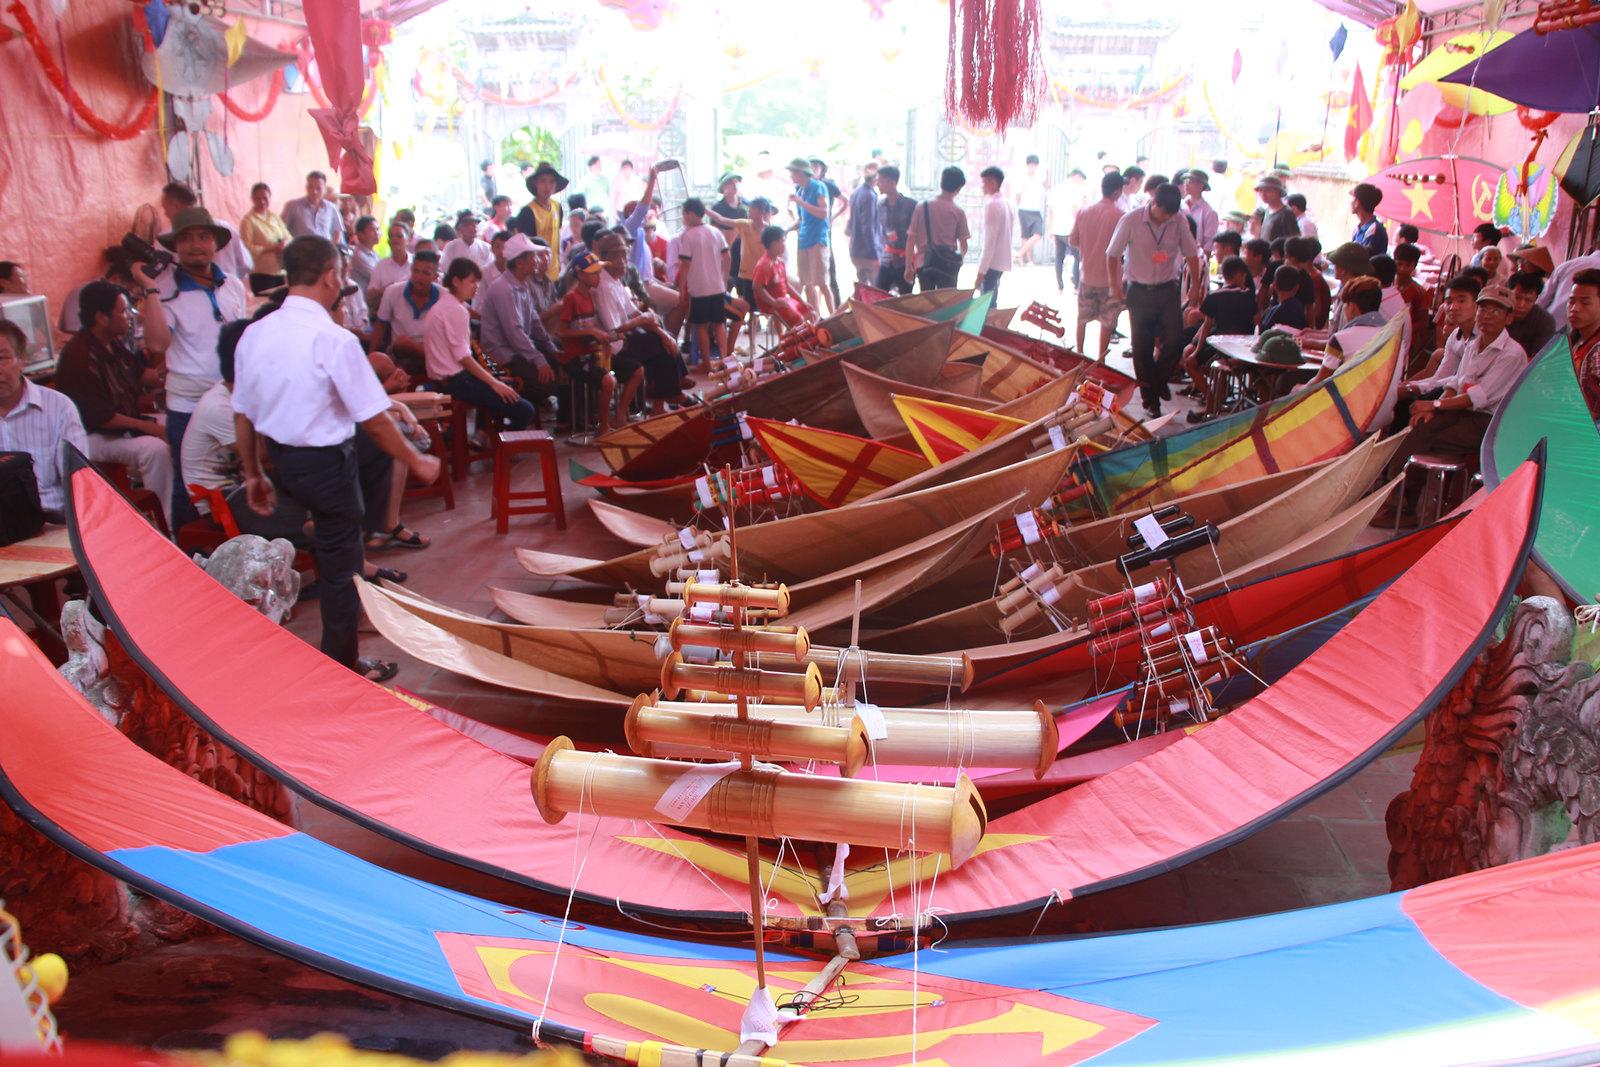 Hàng năm, cứ vào 15/3 âm lịch người dân làng Bá Dương Nội lại tổ chức hội diều